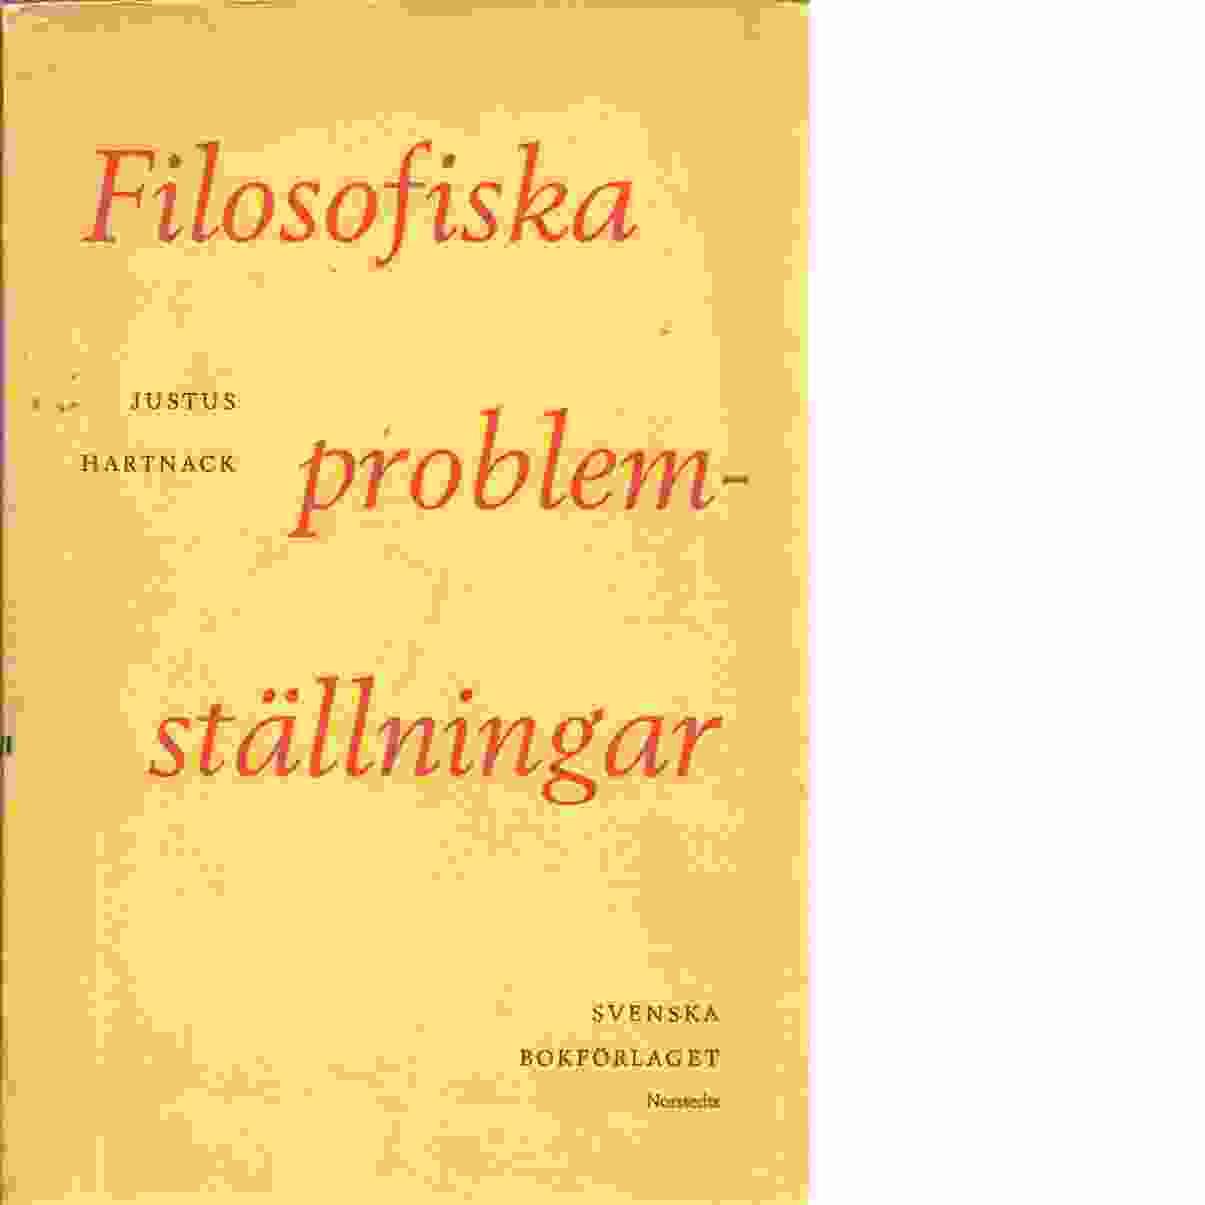 Filosofiska problemställningar - Hartnack, Justus